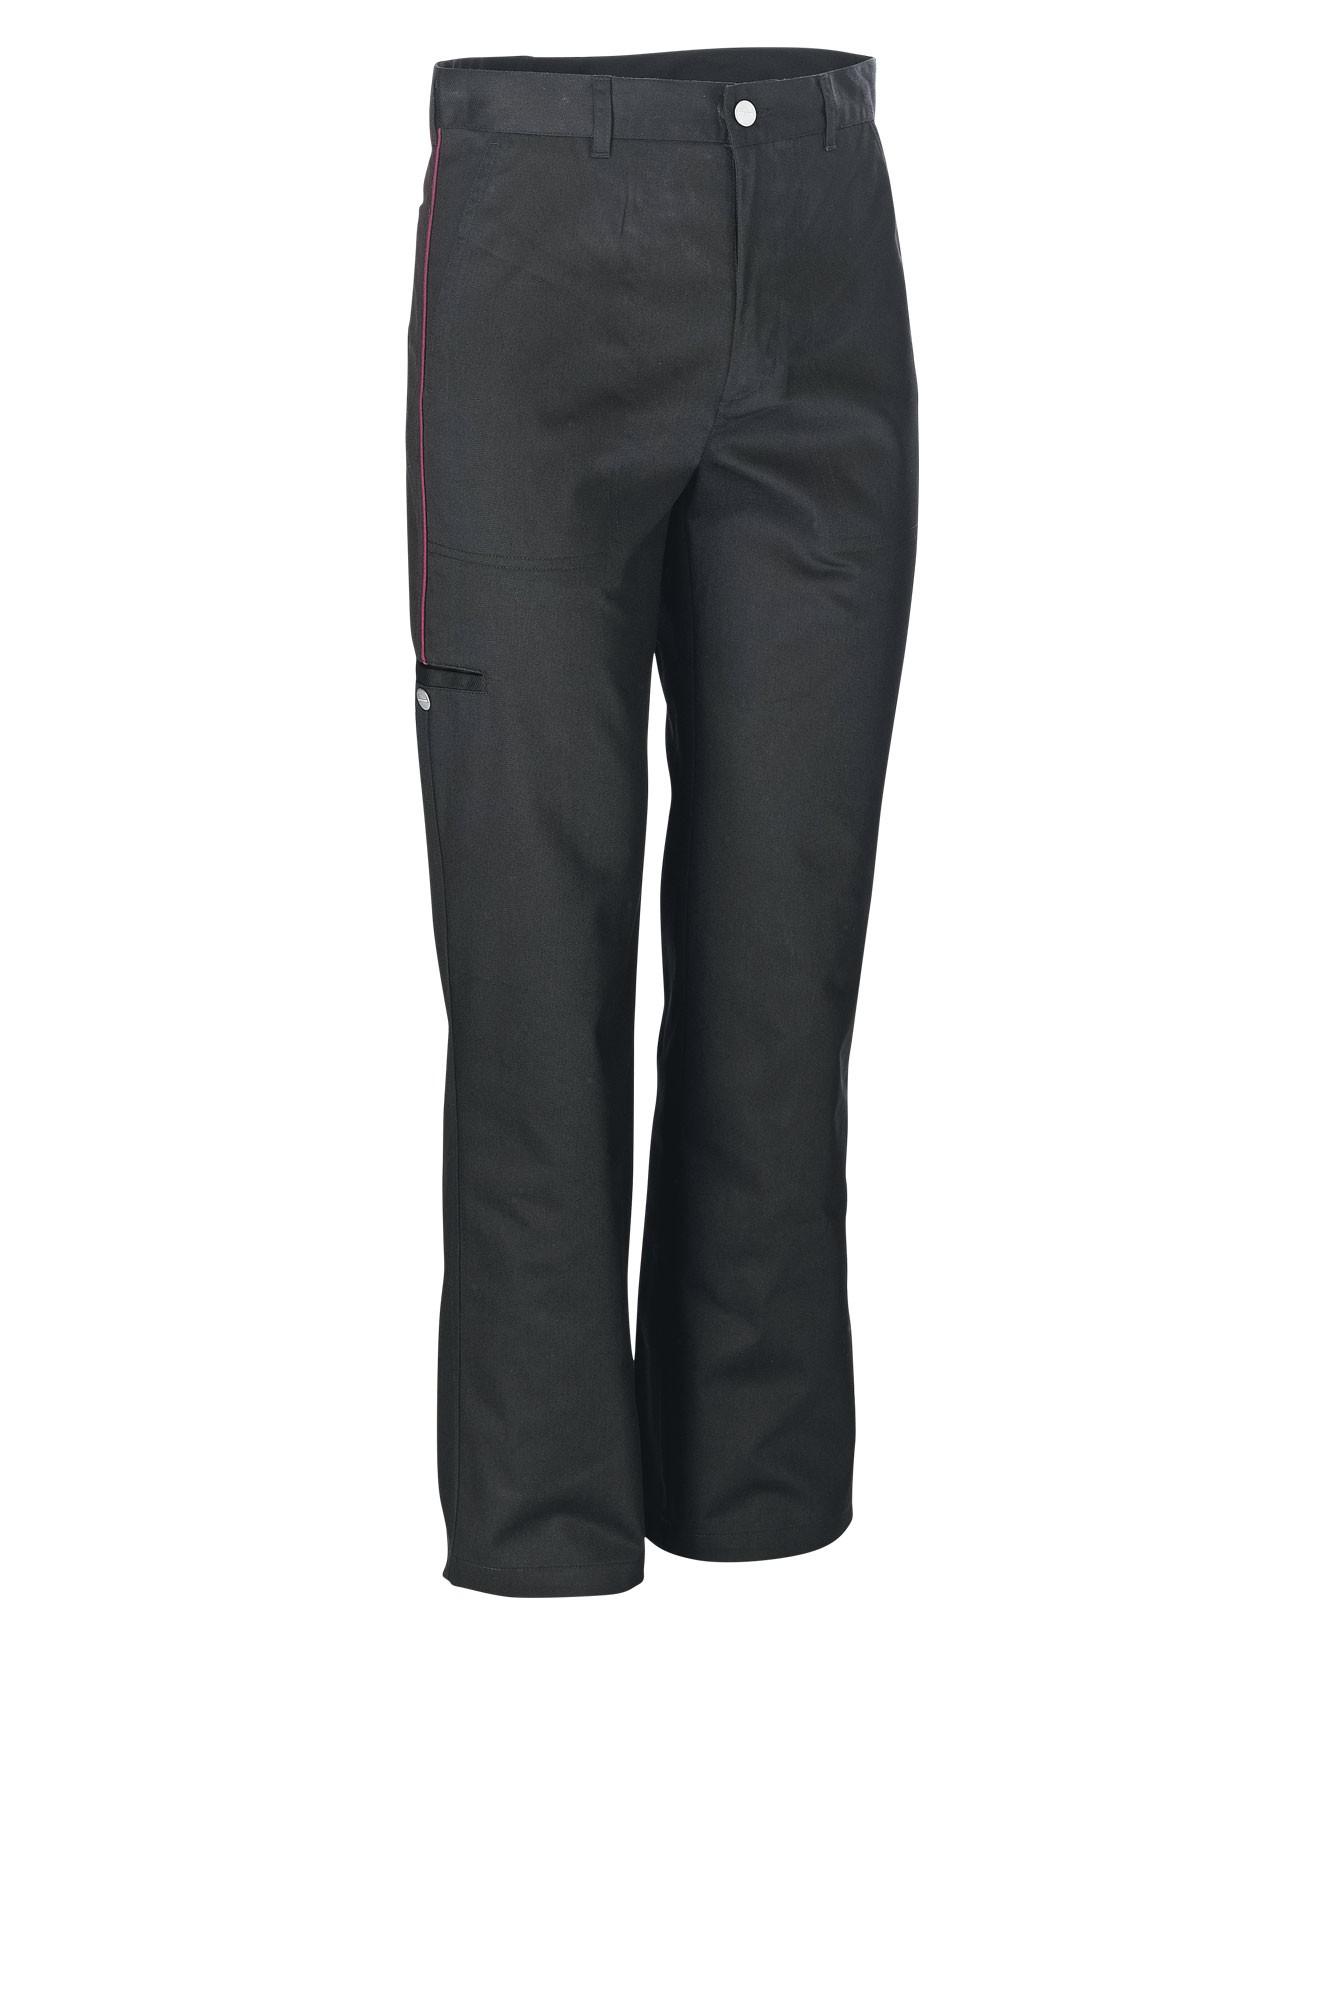 Pánské kalhoty Colin - černá/lem ostružina